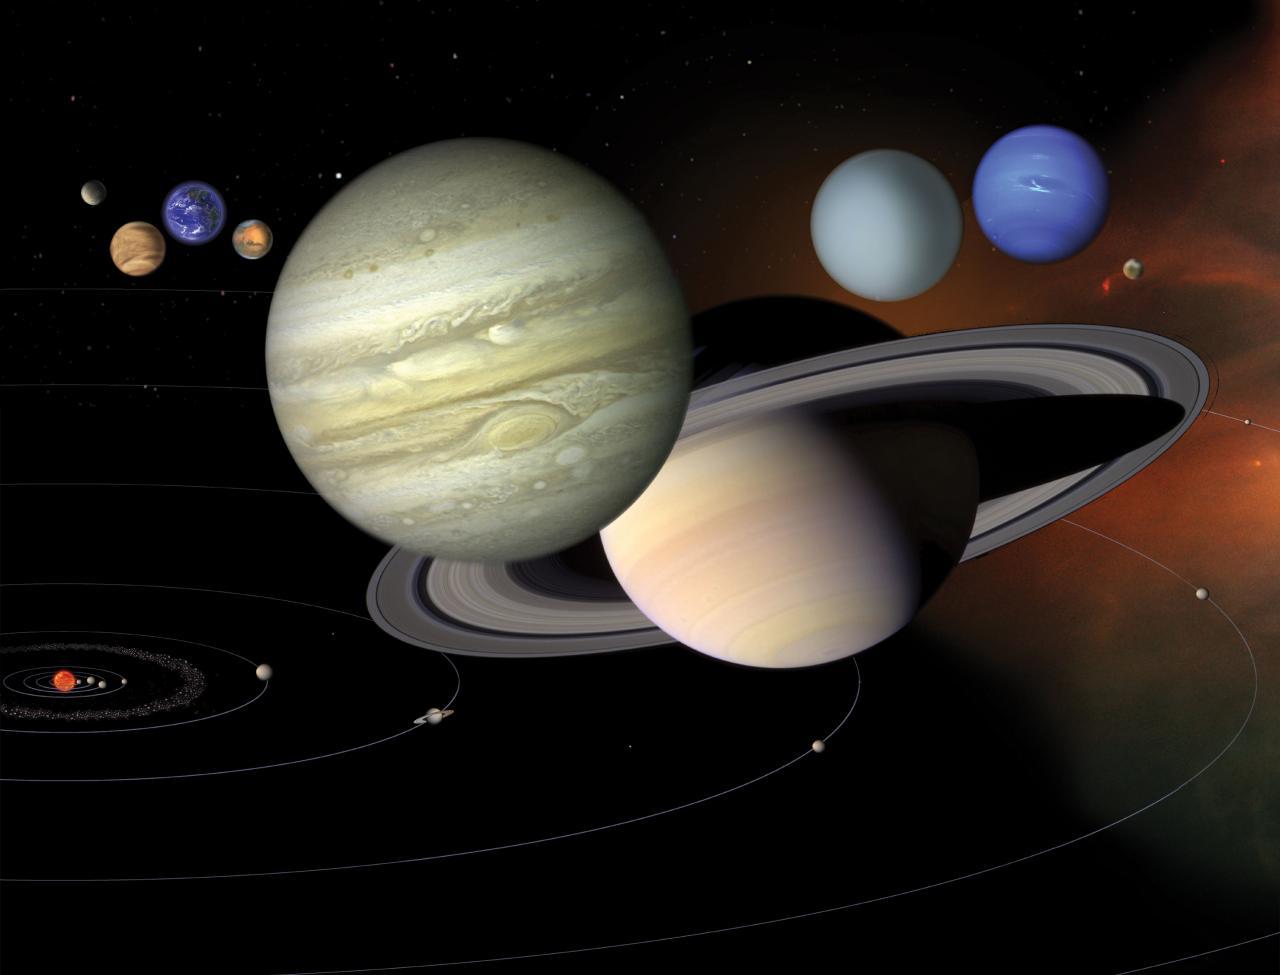 صور كواكب المجموعة الشمسية بالترتيب , اهم المعلومات عن الكواكب الشمسيه